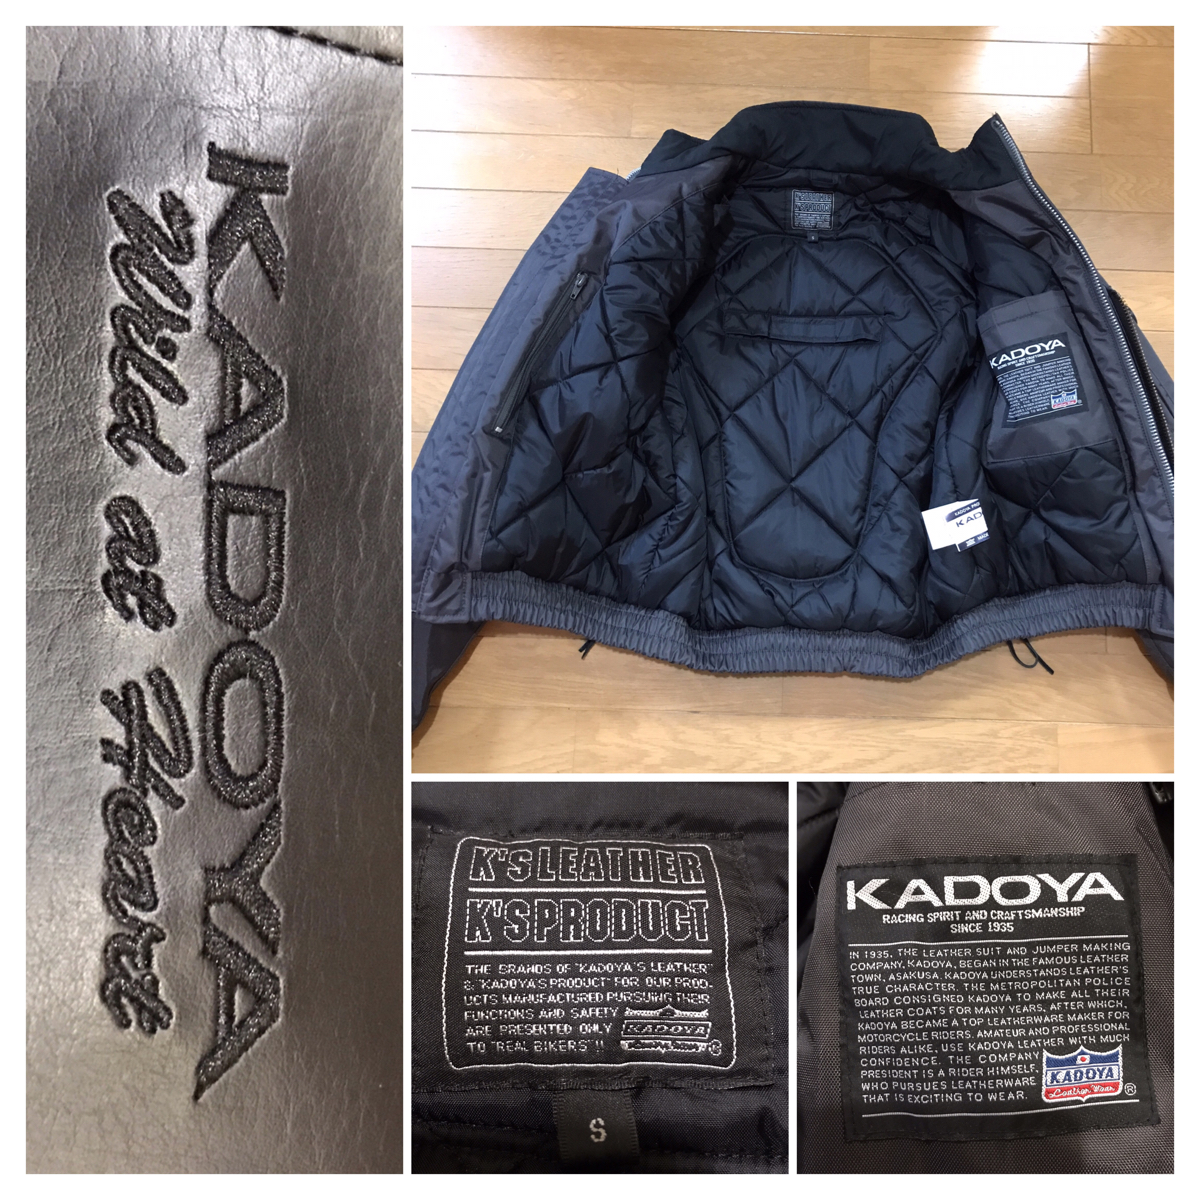 新品 同様 KADOYA カドヤ PVC加工 レザー 切り替え袖 サイズS 脱着可能プロテクター付き ライダース ジャケット ライディングジャケット_画像3